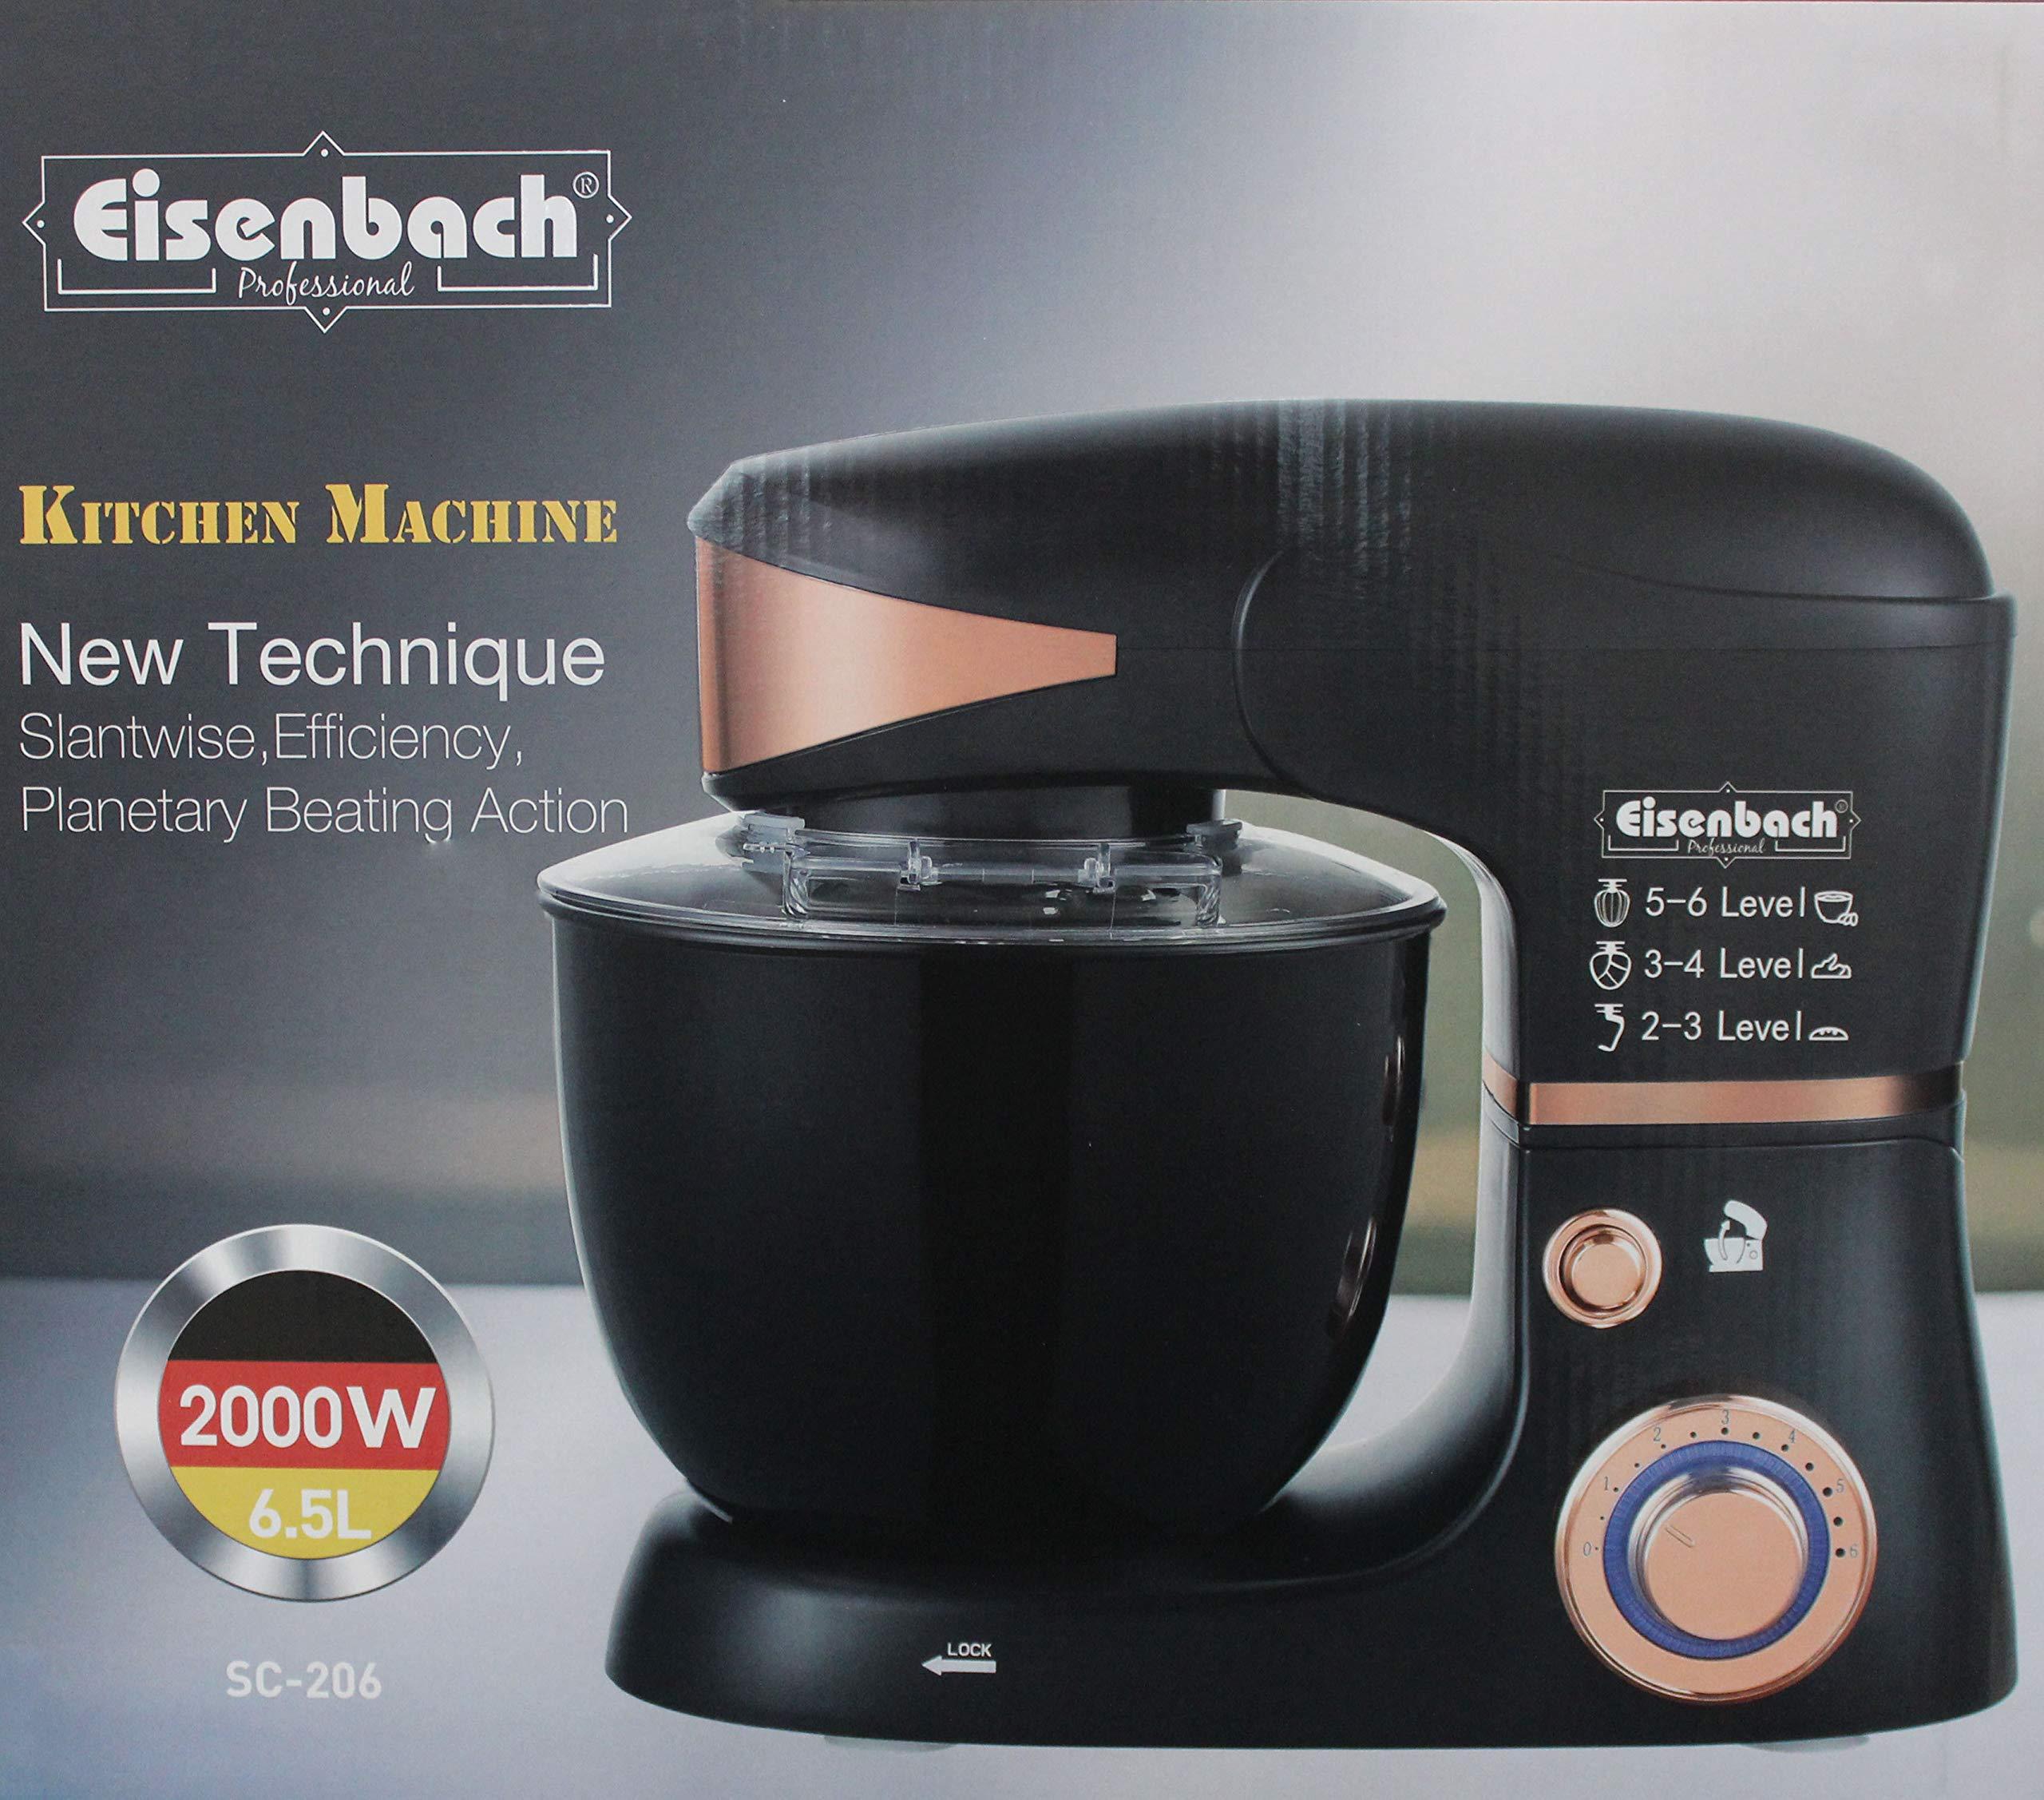 Eisenbach-Germany-LED-2000W-Teigmaschine-65L-Kchenmaschine-Knetmaschine-Rhrmaschine-Standmixer-SC-2066